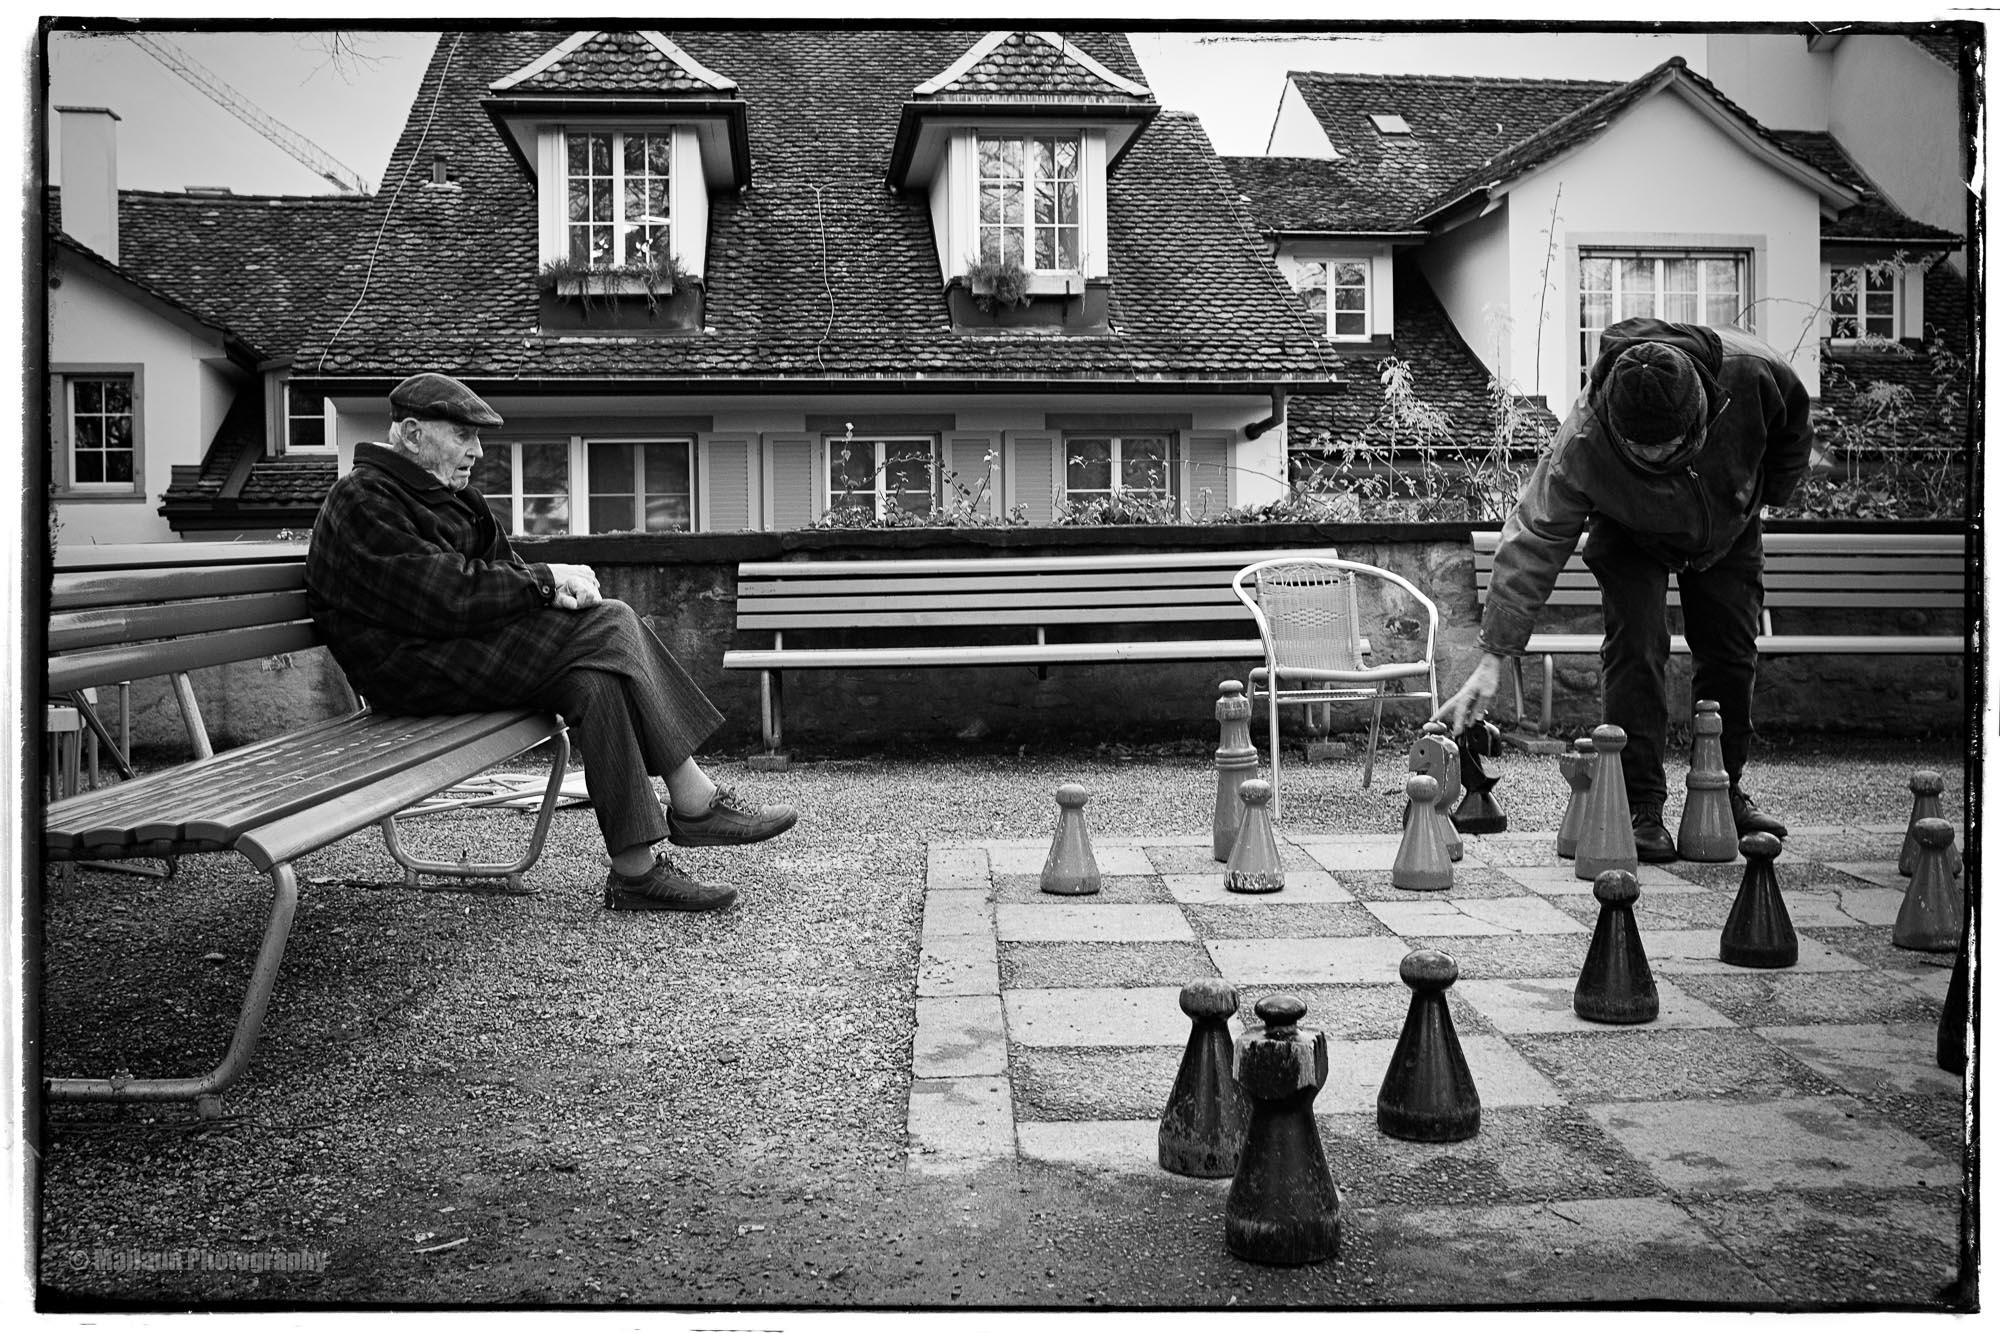 Steetphotography © Markus Mallaun